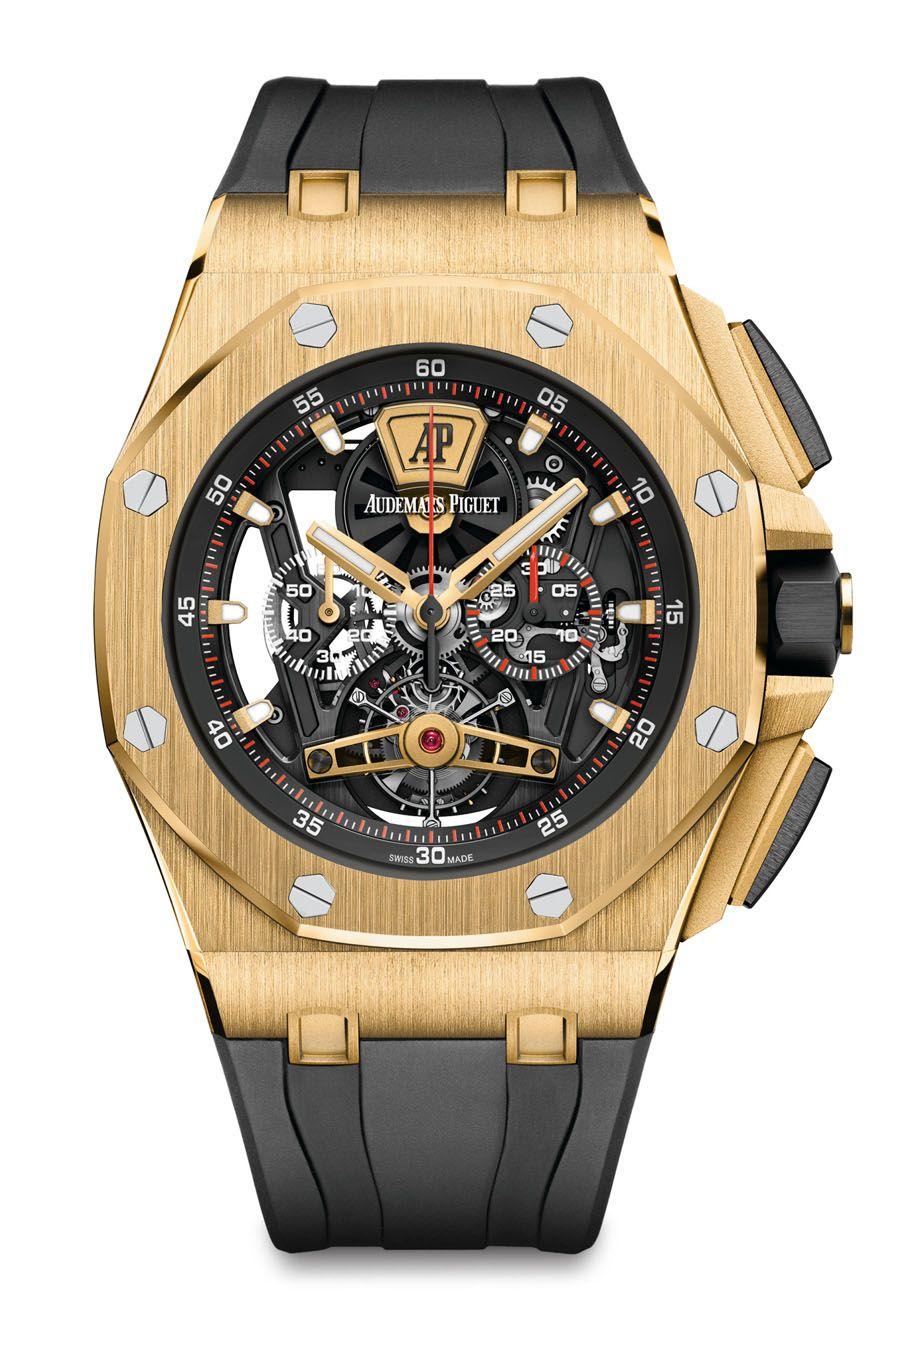 Audemars Piguet Royal Oak Offshore Tourbillon Chronograph Sihh 2017 Luxus Uhren Teure Uhren Uhren